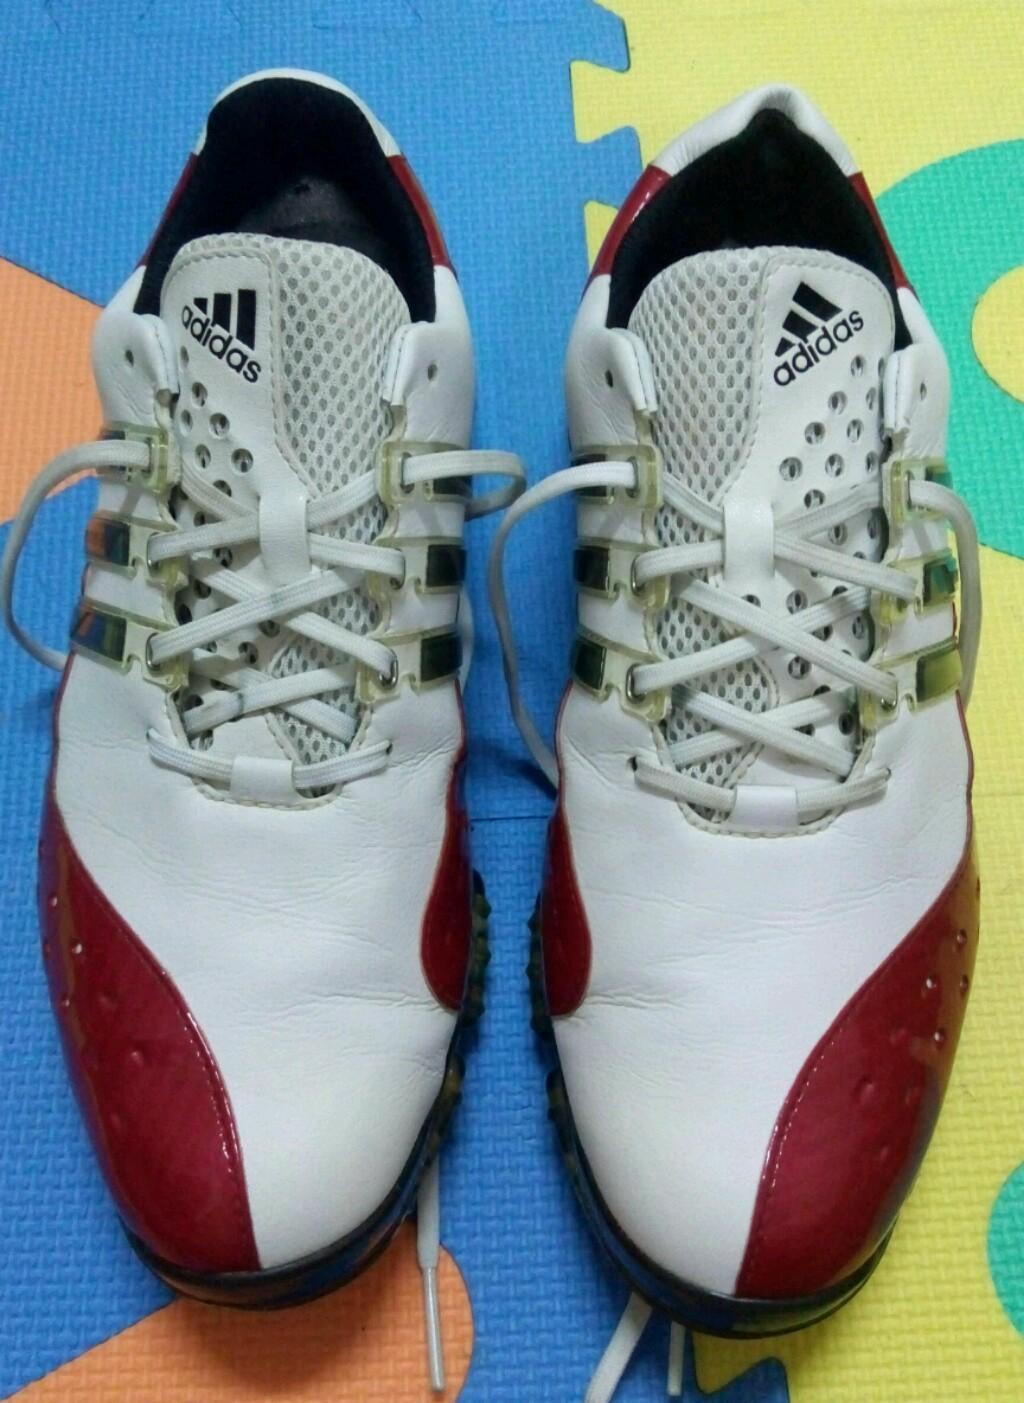 รองเท้ากอล์ฟ adidas powerband3.0